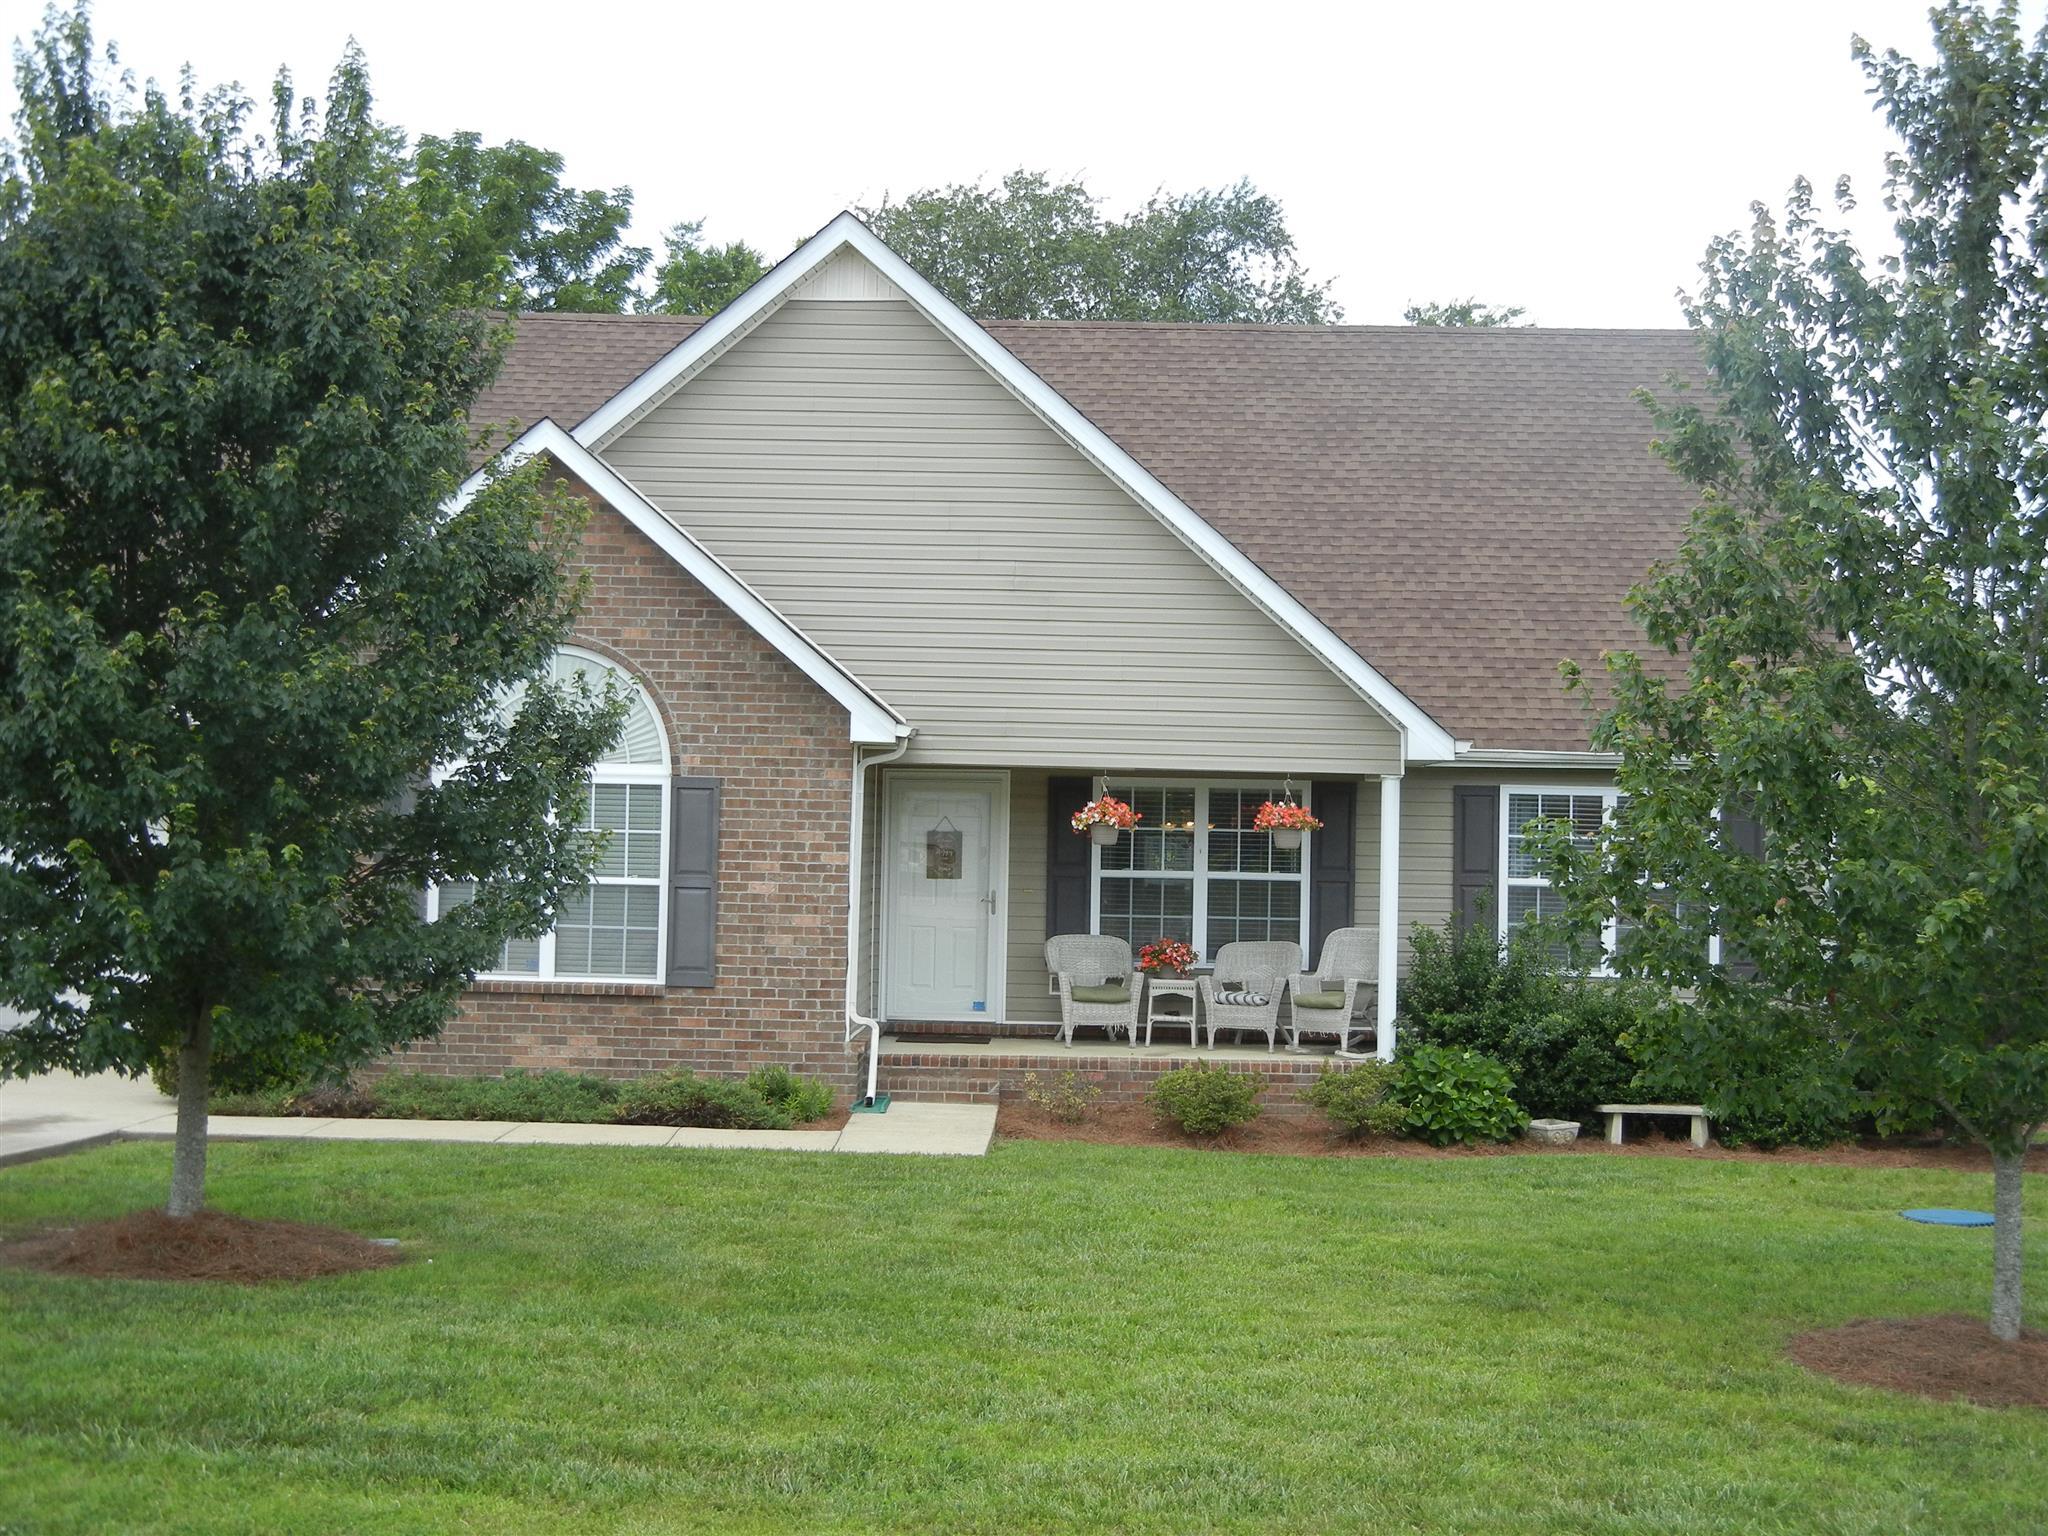 Photo of 1443 Jeter Way  Murfreesboro  TN